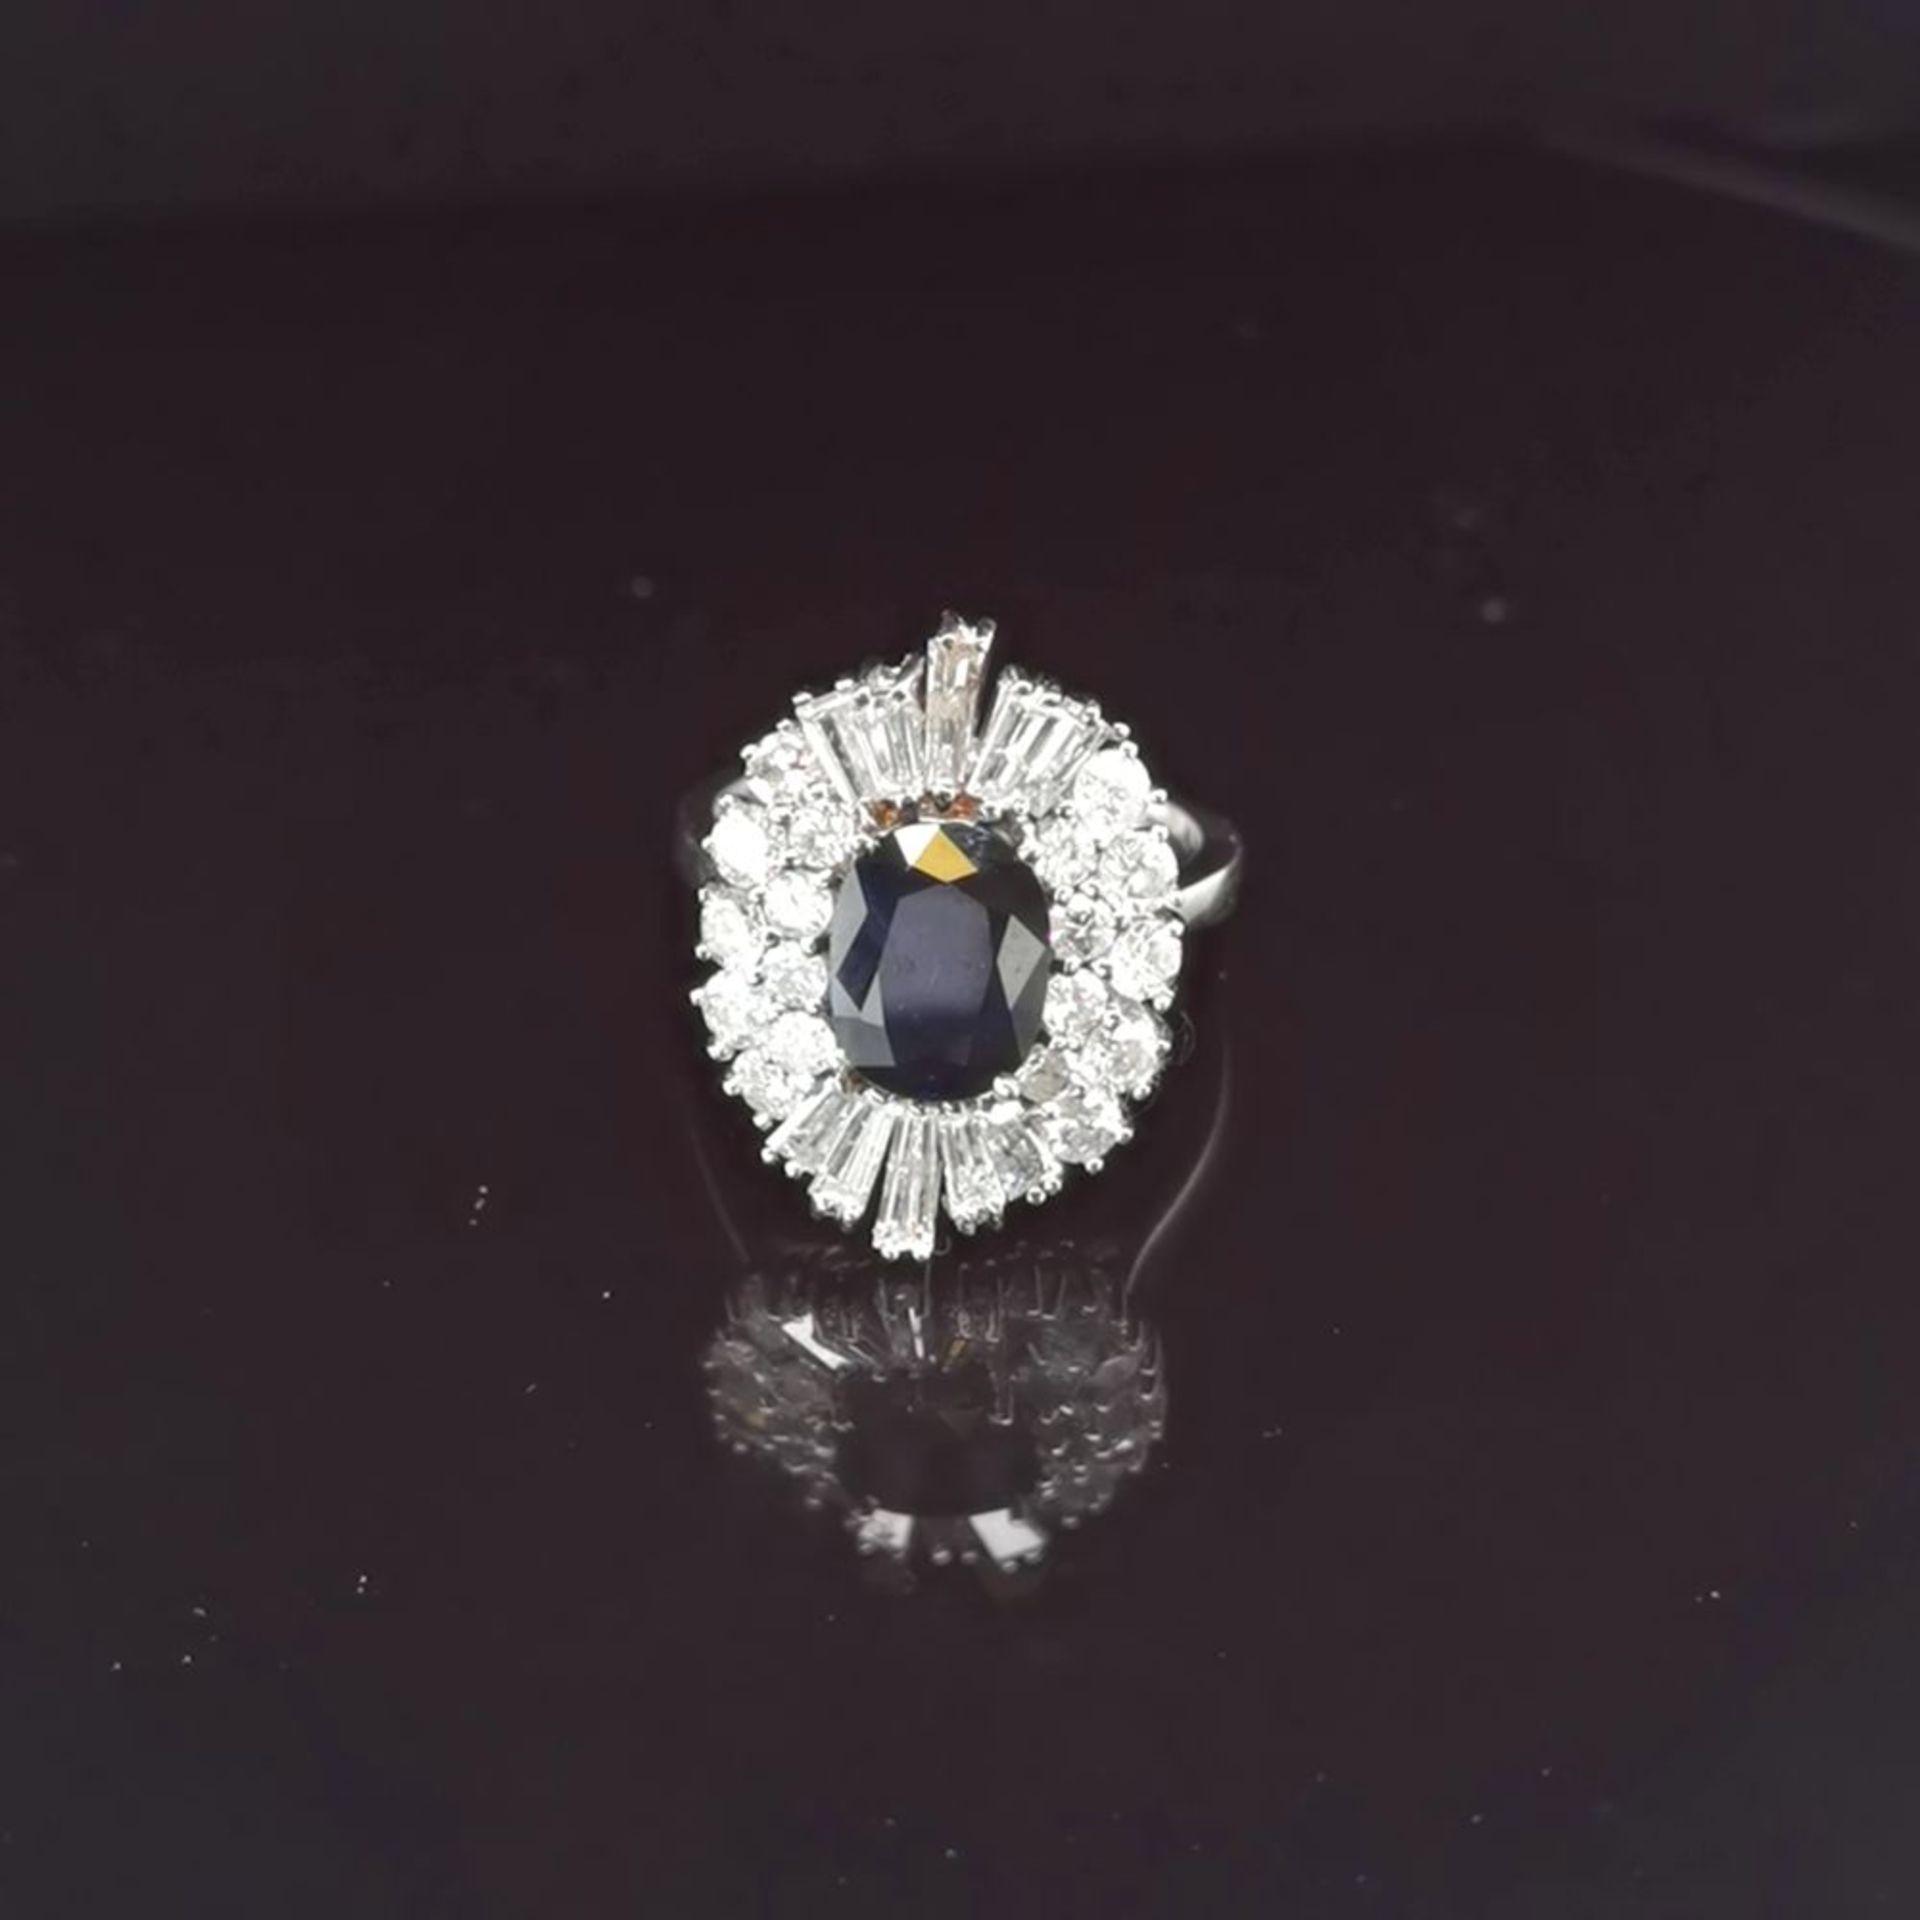 Saphir-Brillant-Ring, 585 Weißgold 6,7